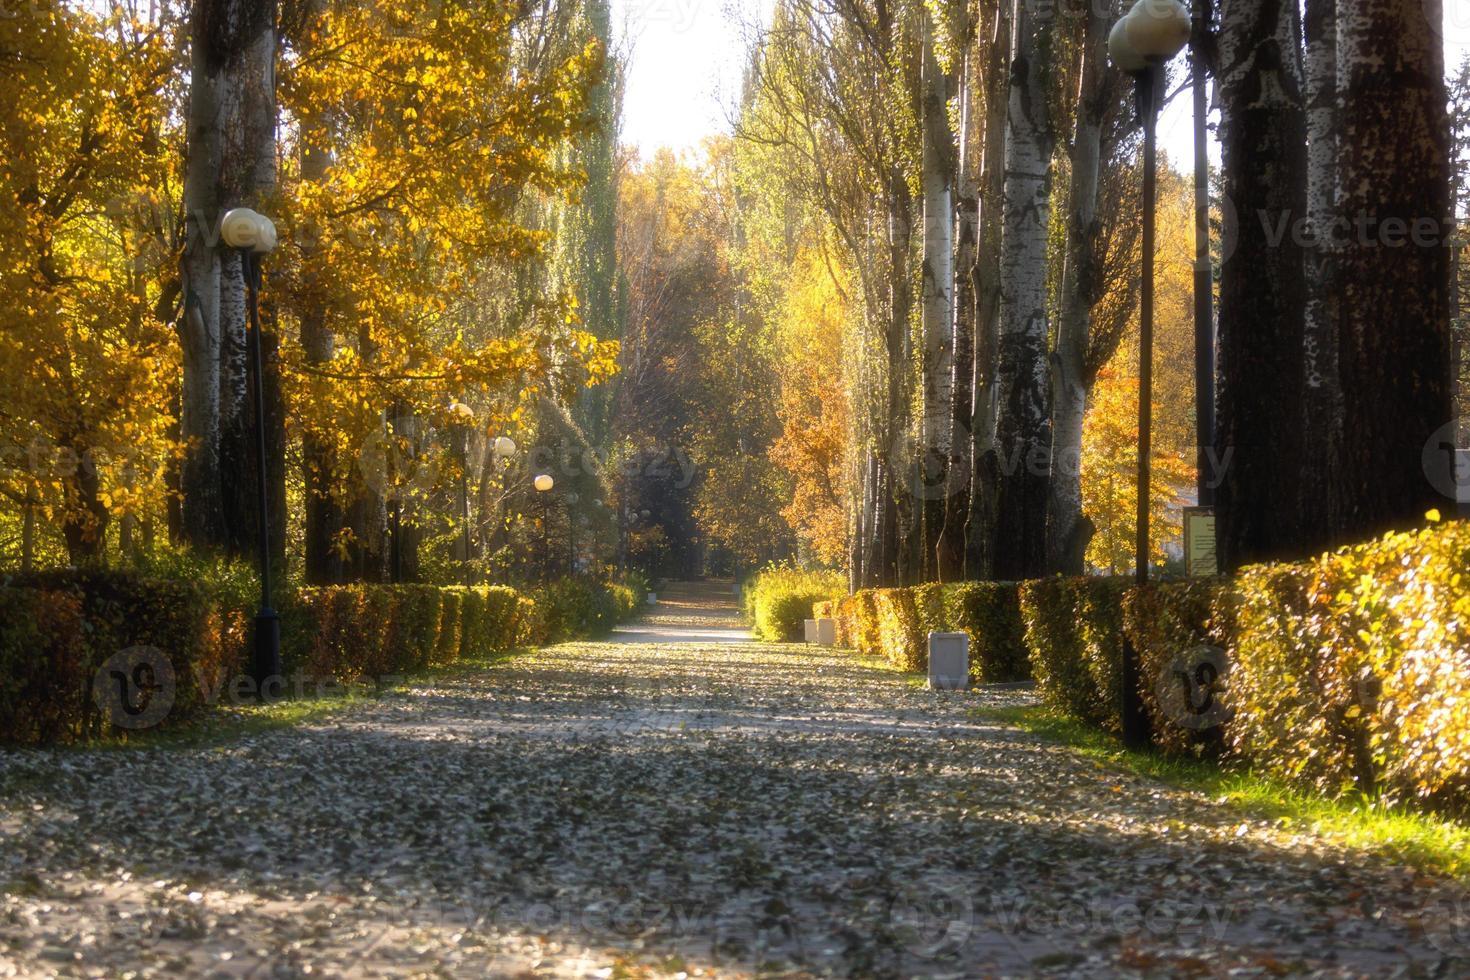 estrada de outono foto